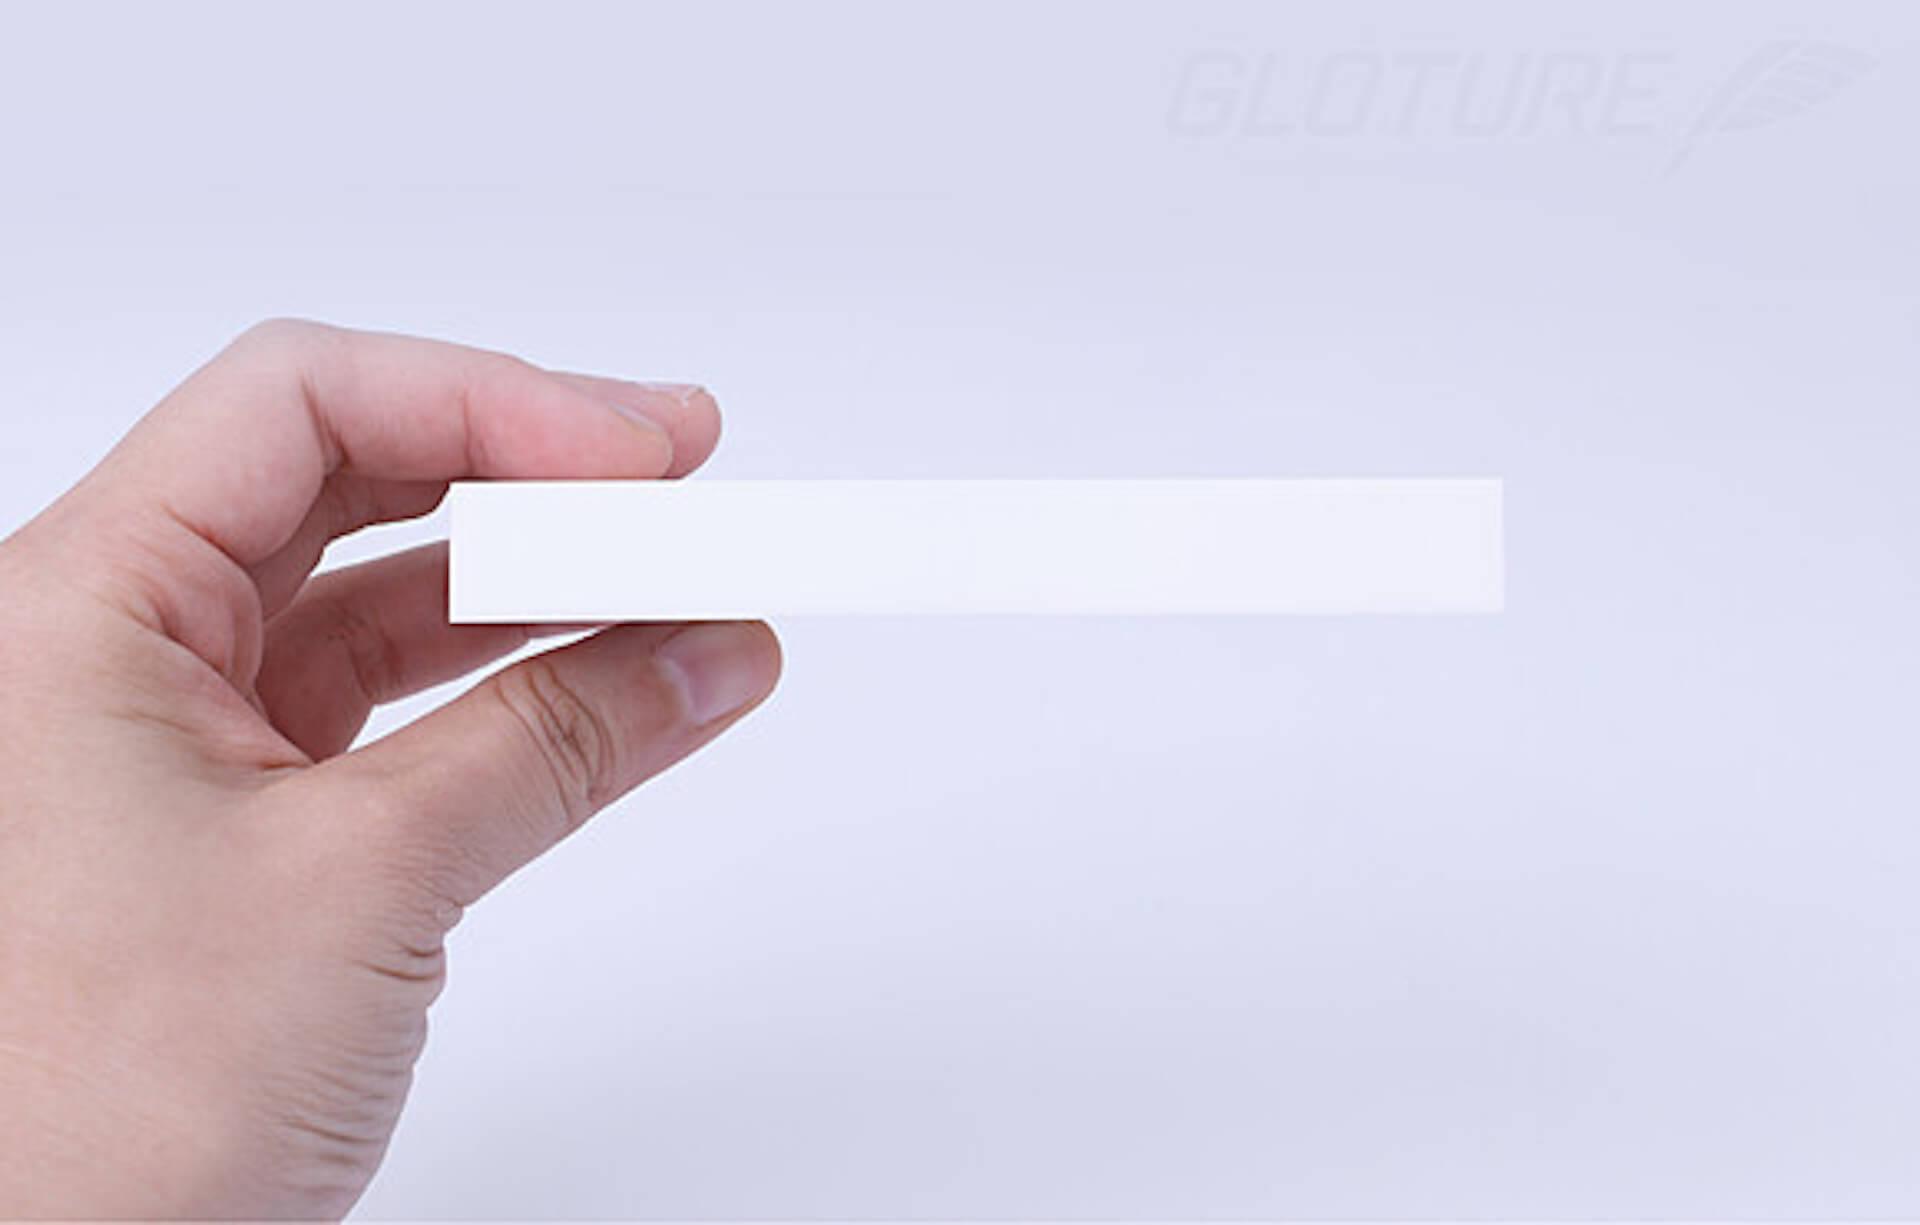 家電の操作はこれ1本で!クラウドファンディングで話題のスマートリモコン「surco」がGLOTURE.JPにて販売開始 tech200529_surco_03